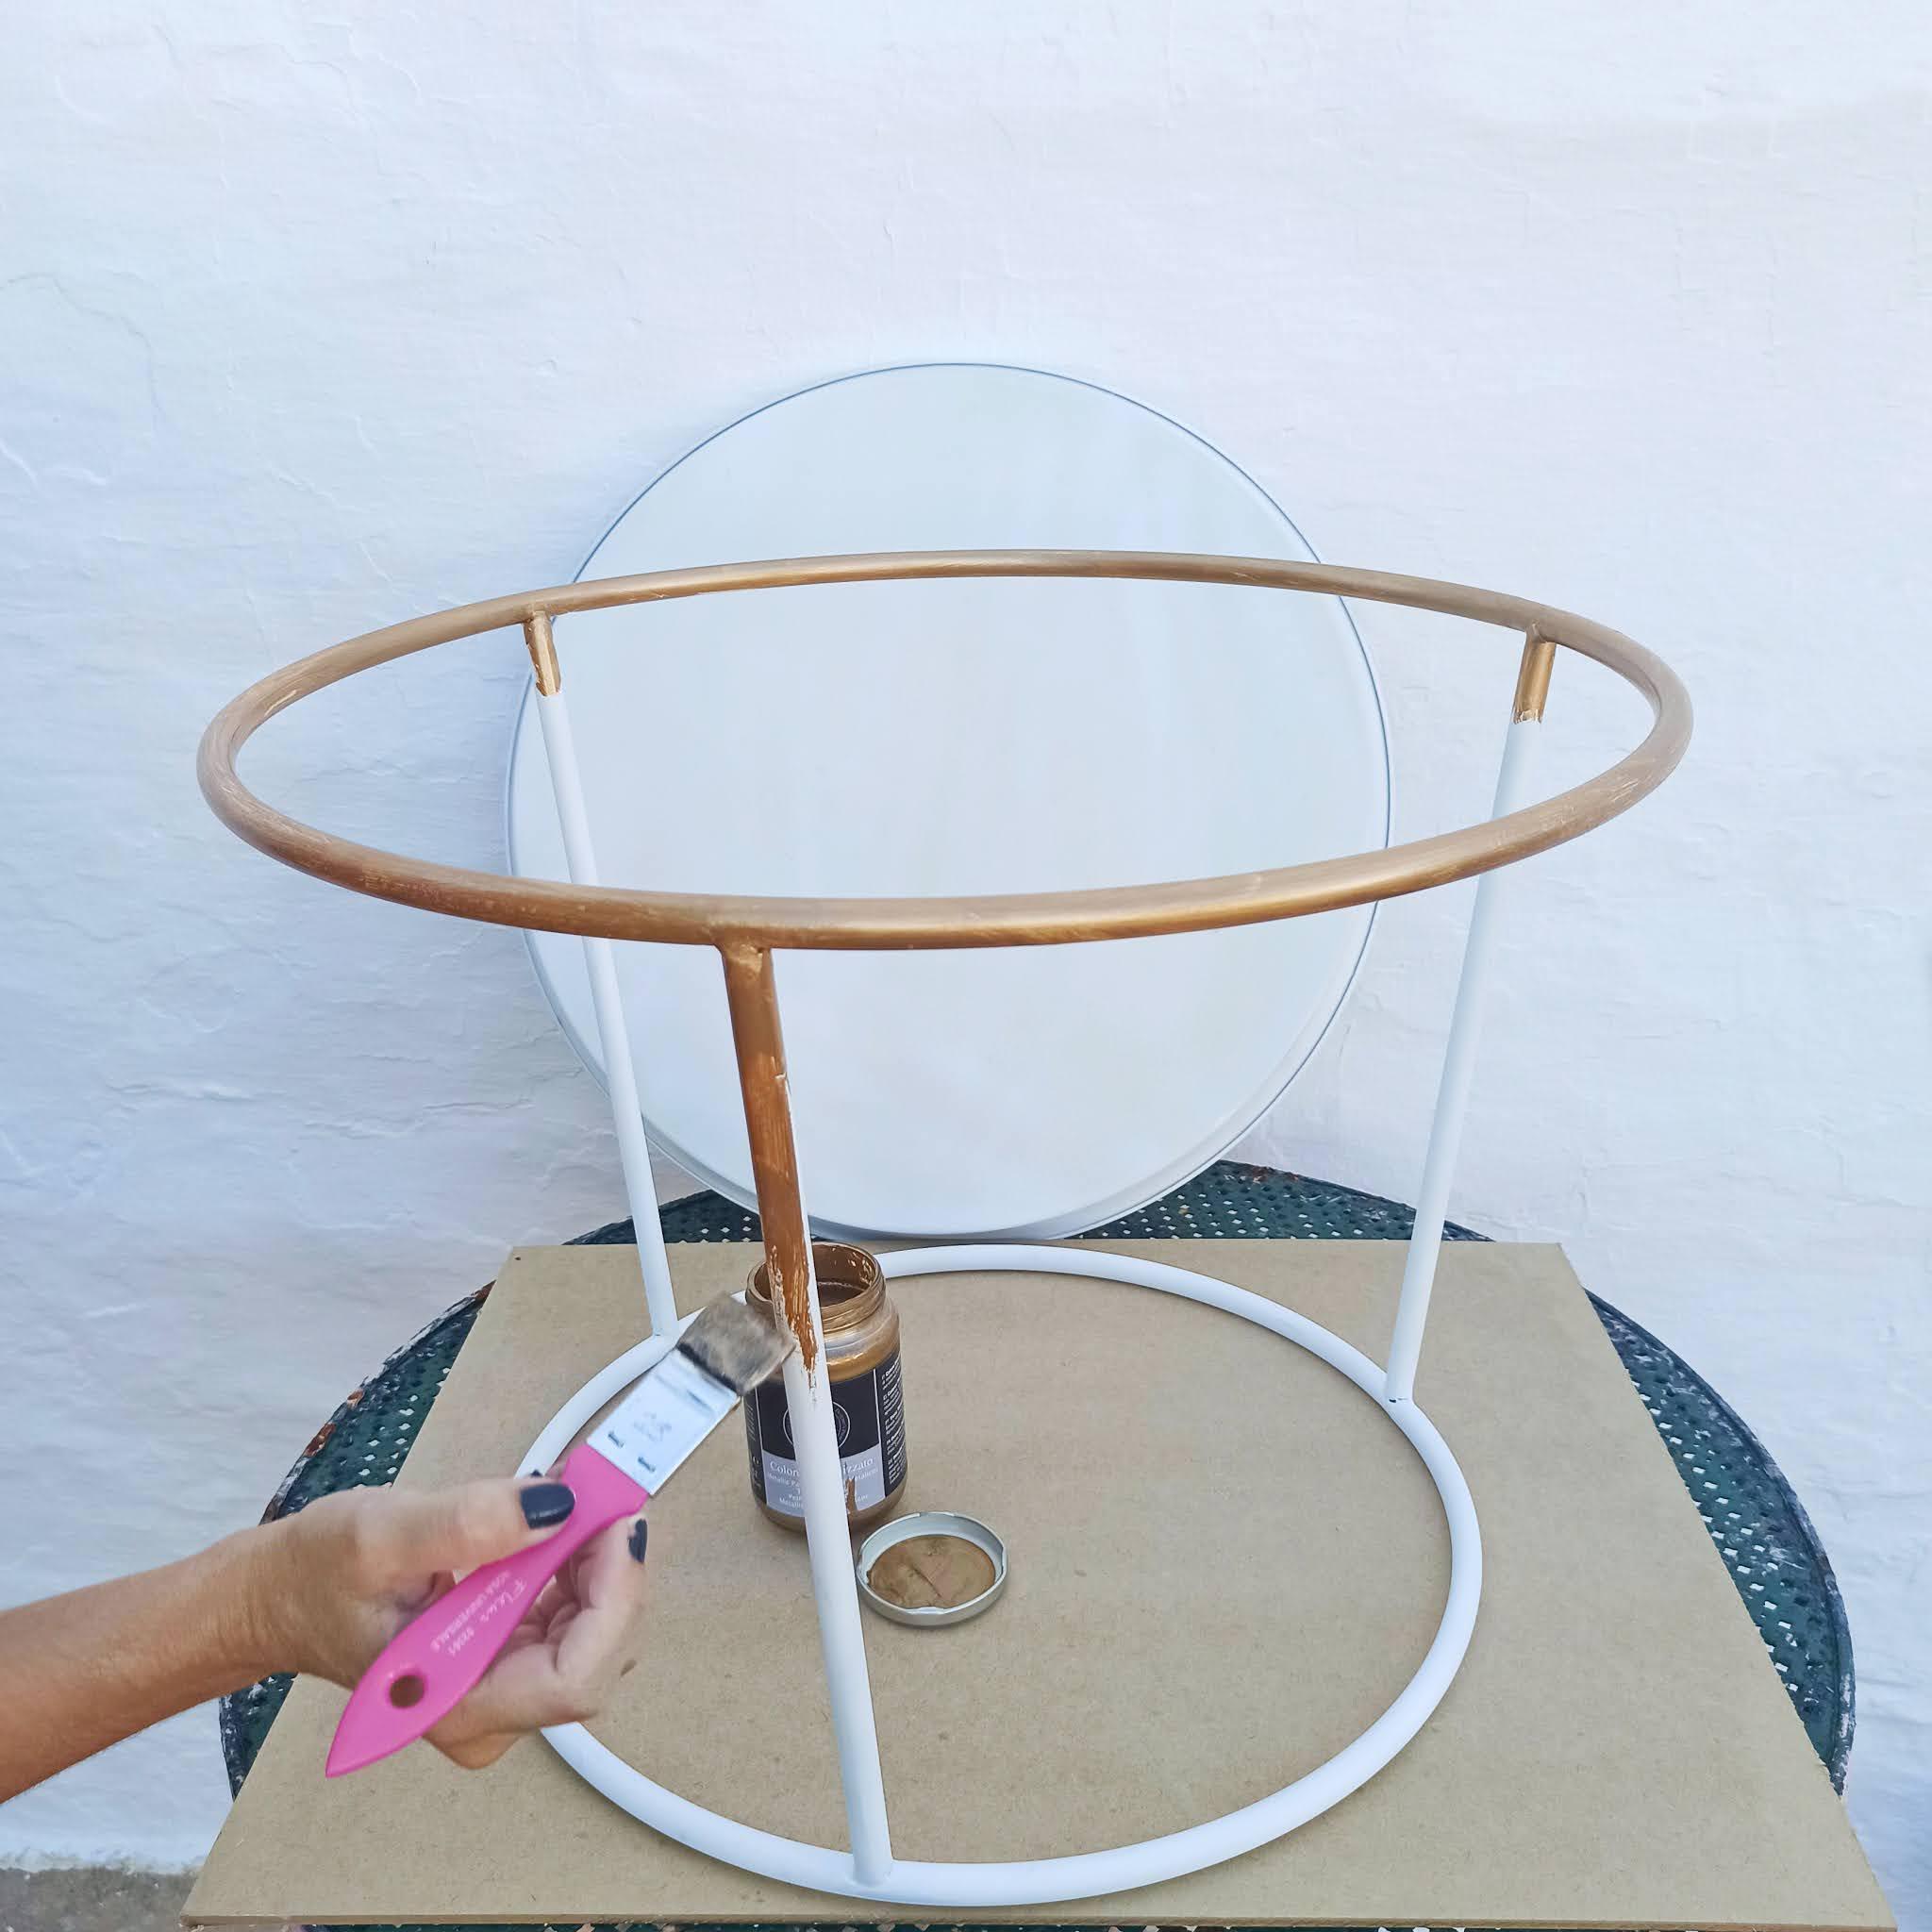 5-pouring-mesa-auxiliar-pintando-dorado